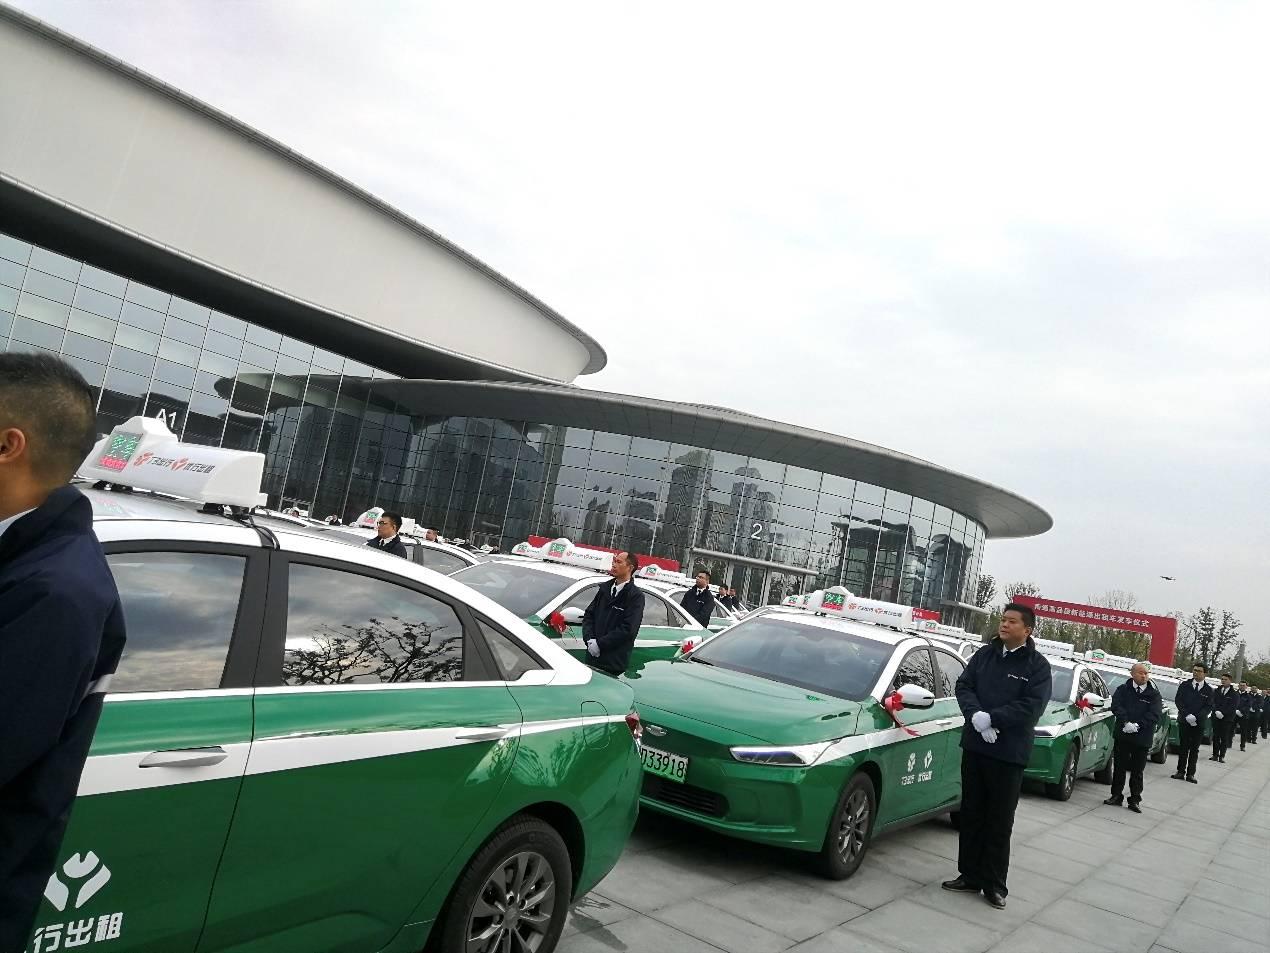 旅游平台与出租车的整合问题:司机在线的困难和整合路线的争议